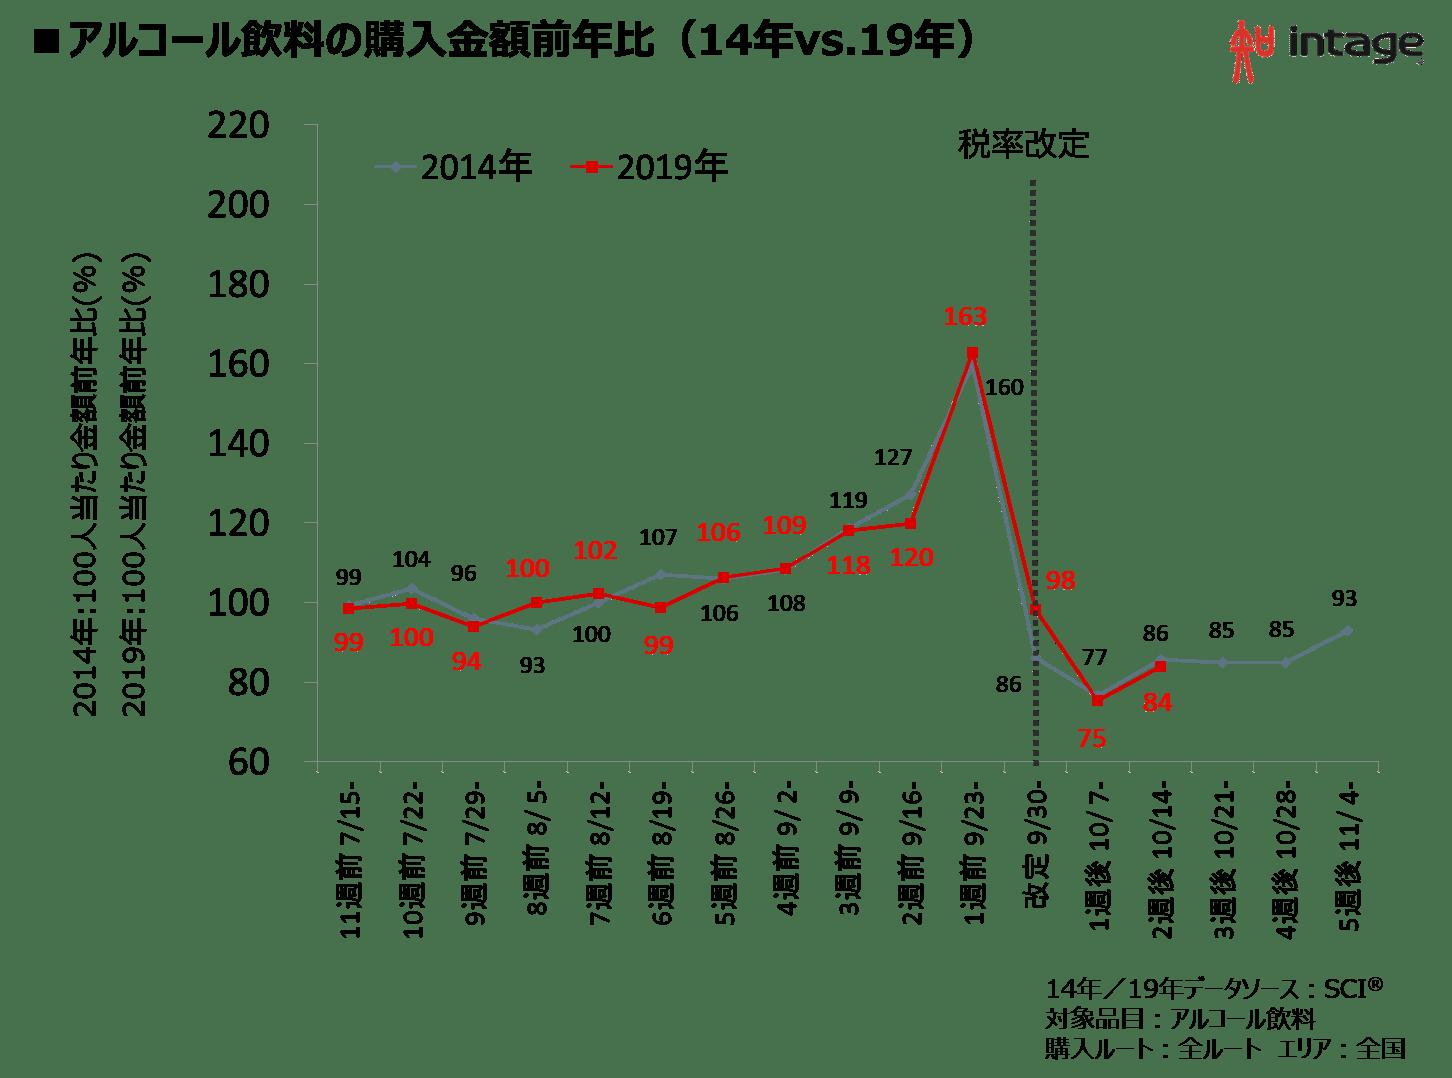 アルコール飲料の購入金額前年比(14年vs.19年)